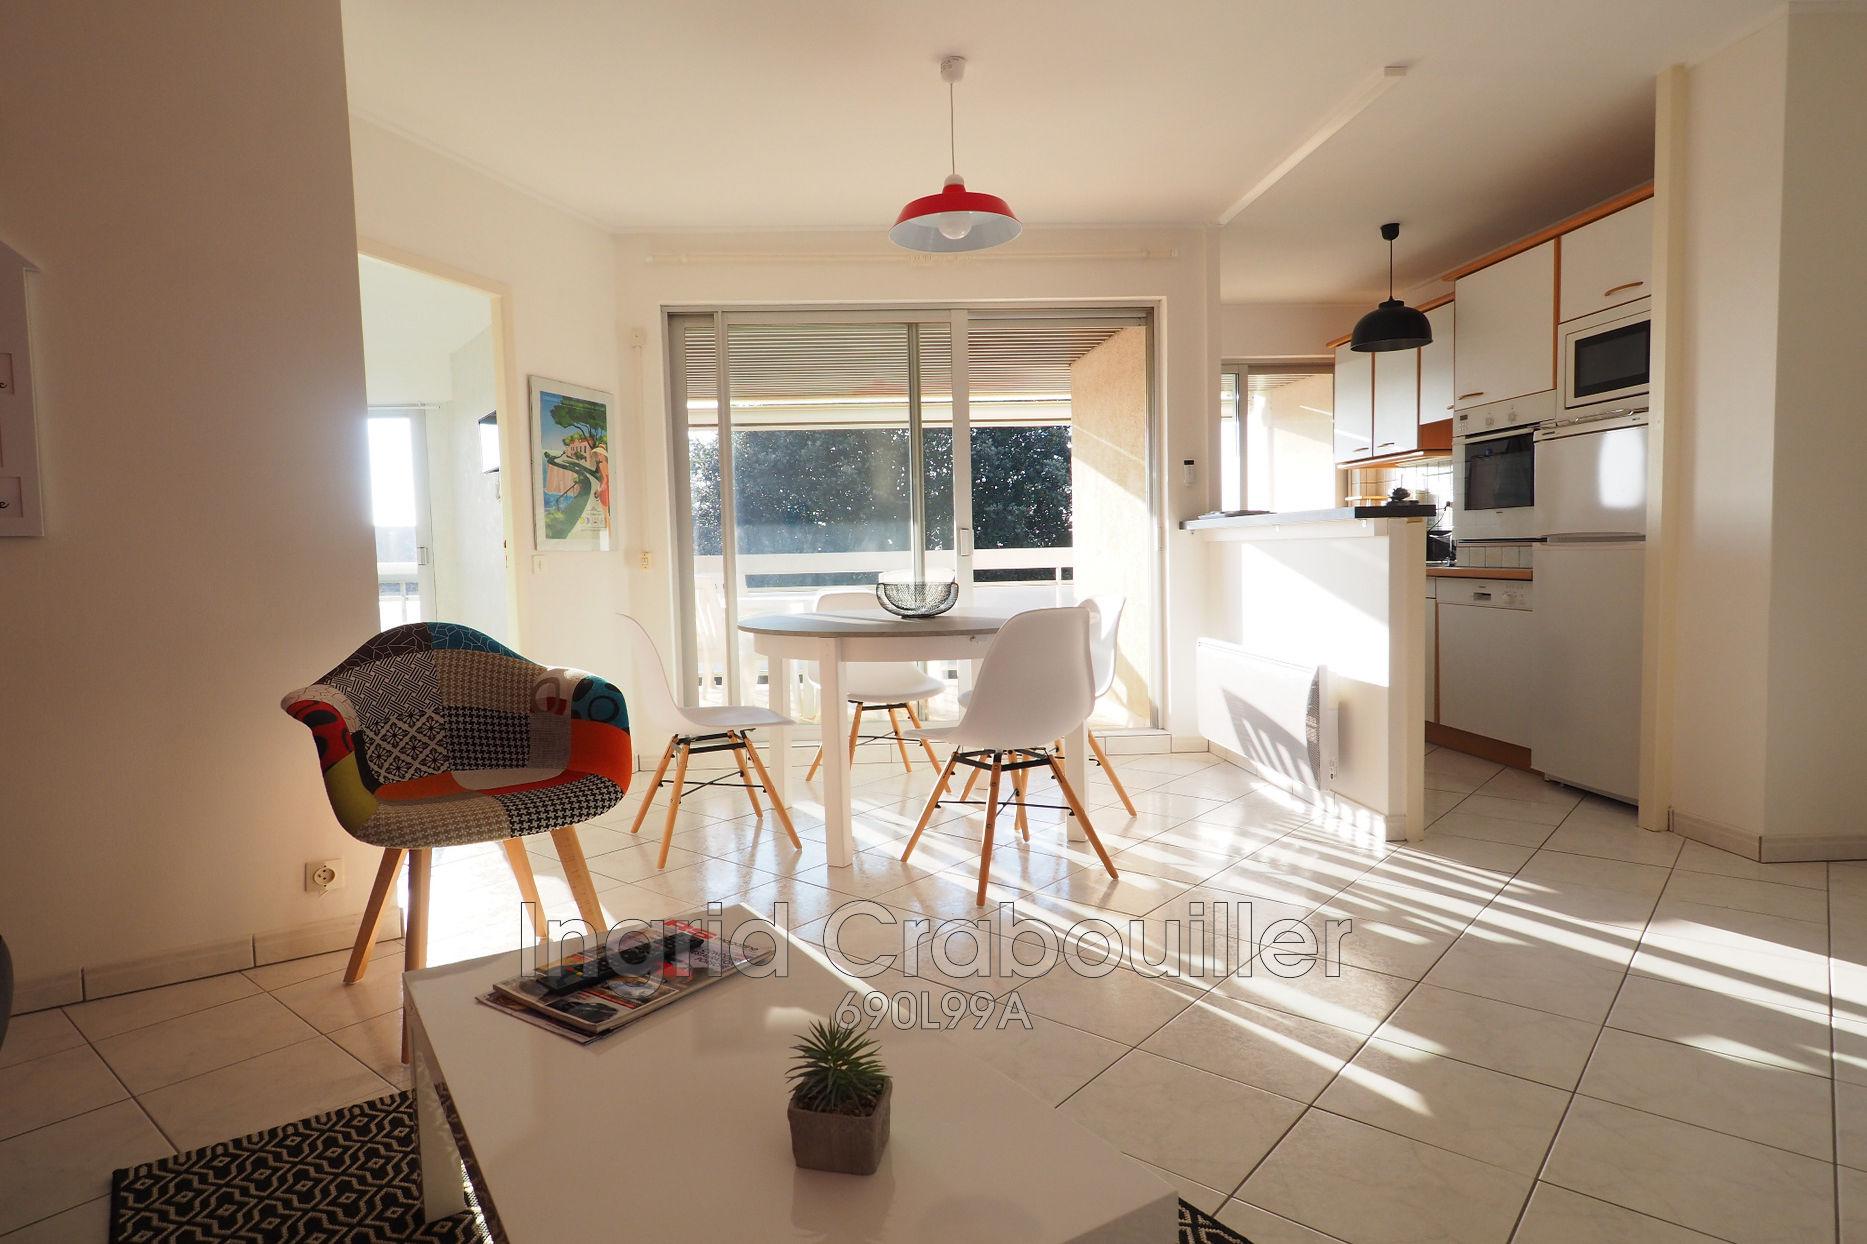 Location saisonnière appartement Vaux-sur-Mer - réf. 690L99A